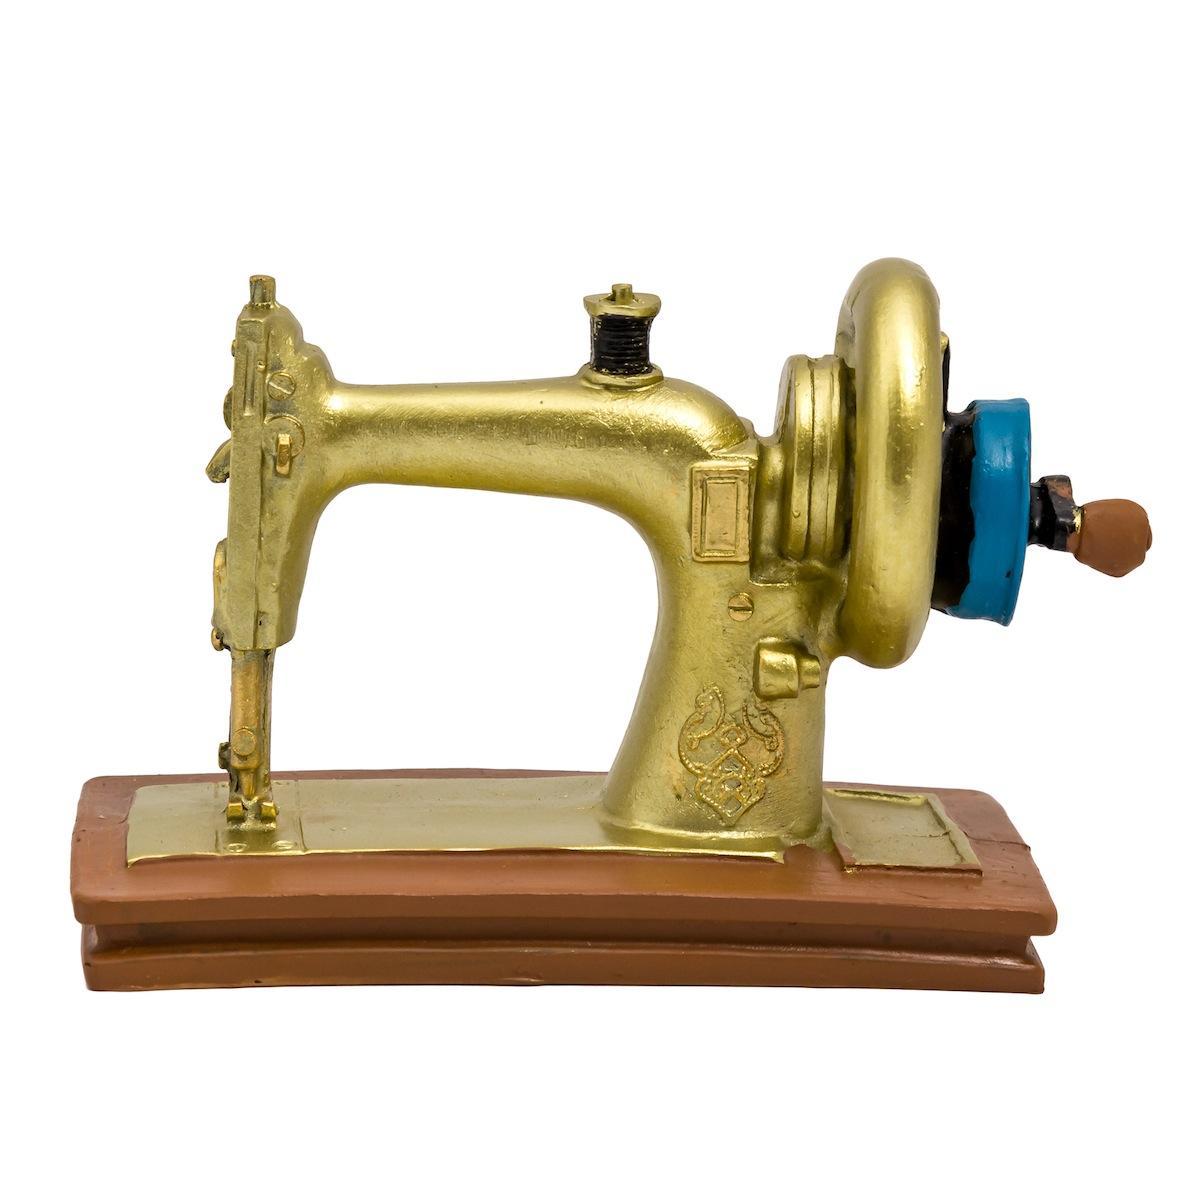 Fanildo pajangan hiasan meja mesin jahit unik vintage shabby klasik - 2 ...